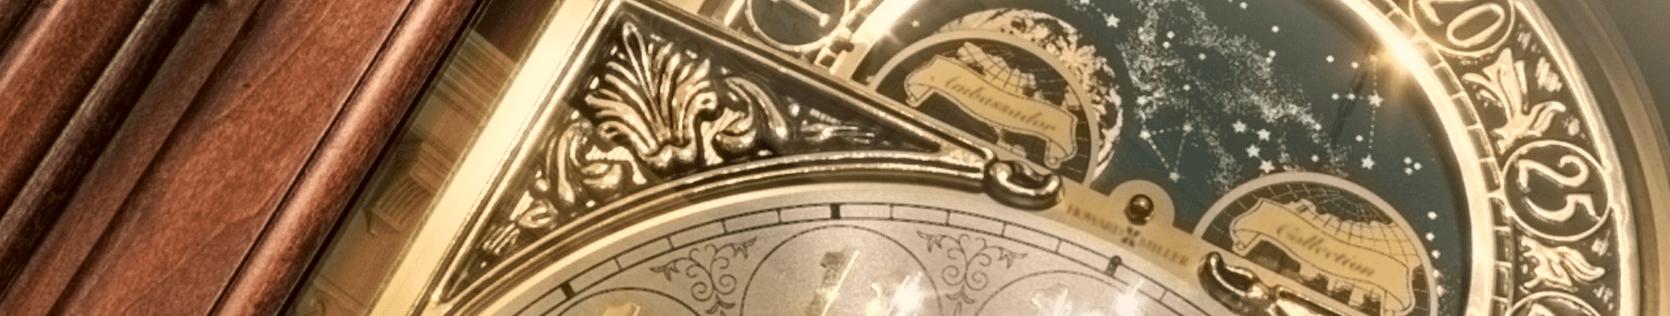 антикварные часы с боем